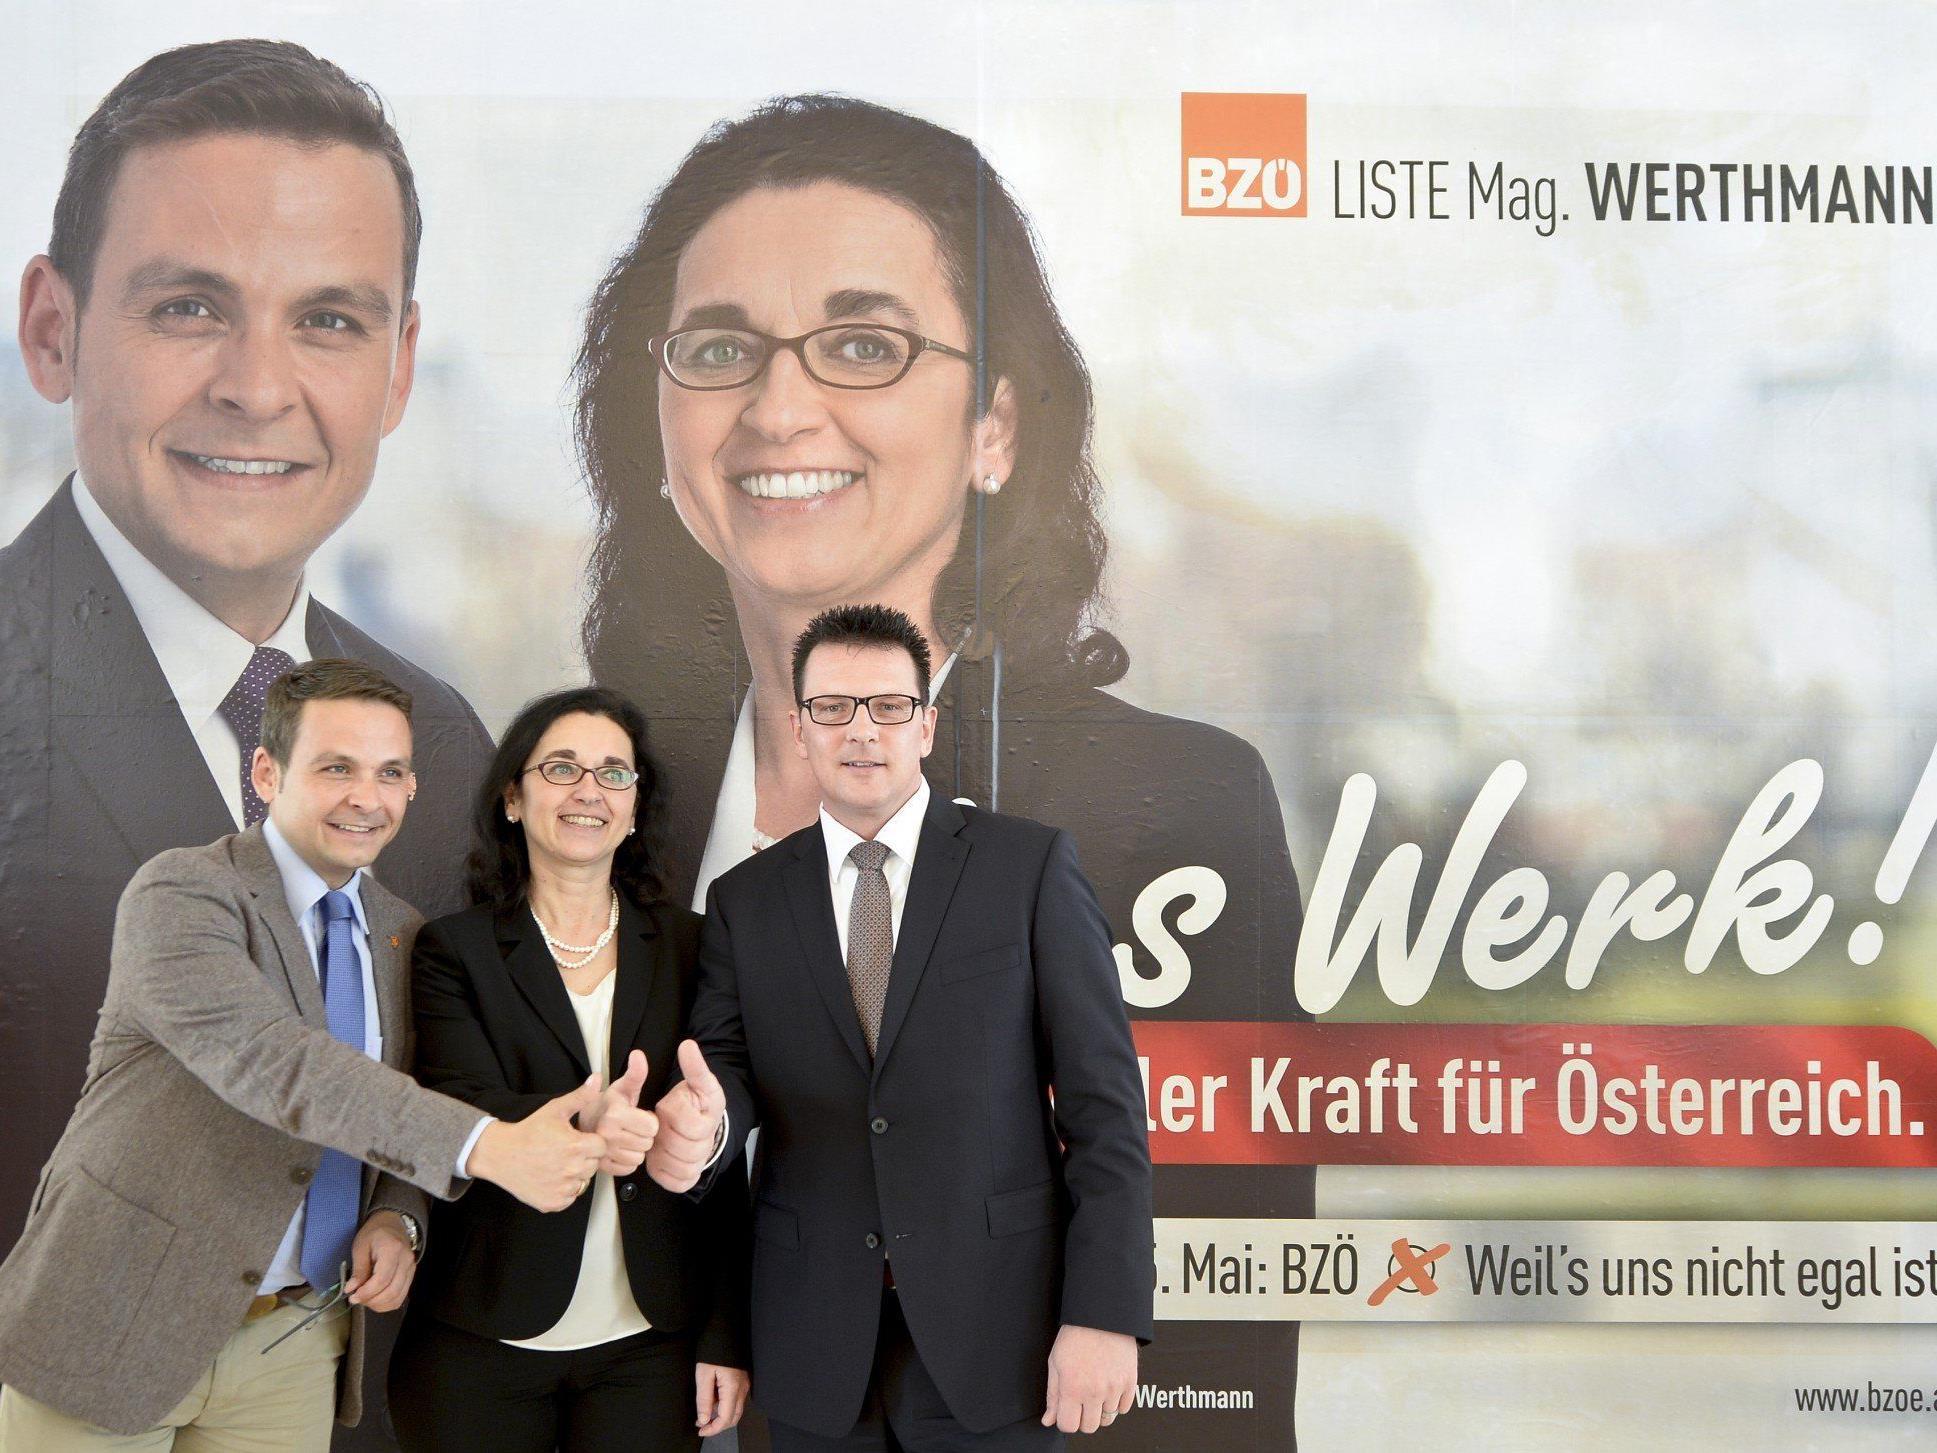 Spitzenkandidatin Angelika Werthmann gemeinsam mit BZÖ-Chef Gerald Grosz auf den BZÖ-Plakaten.